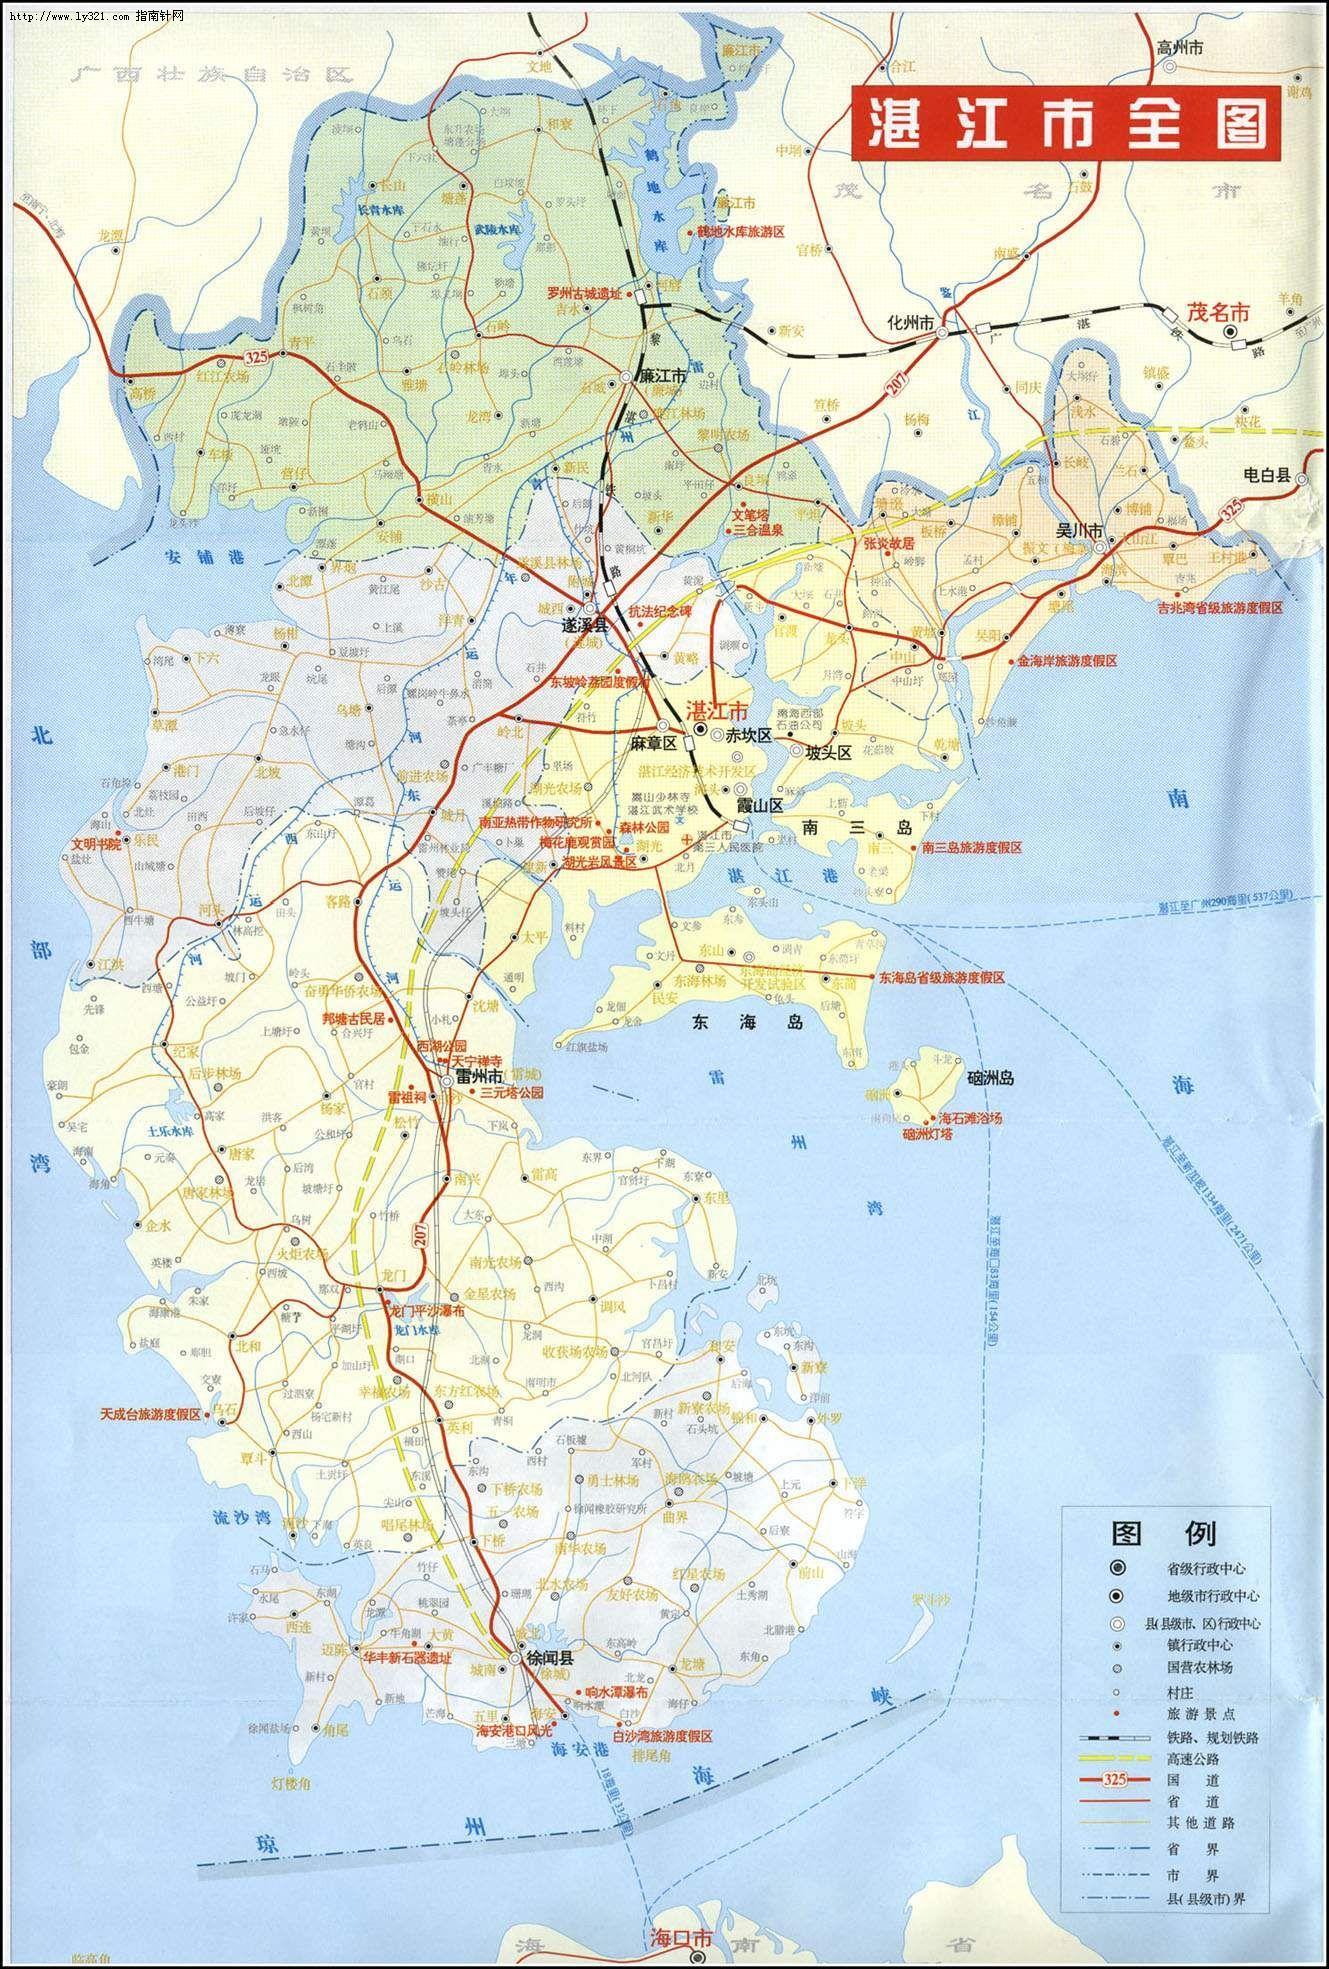 湛江市全图_湛江市旅游景点地图查询